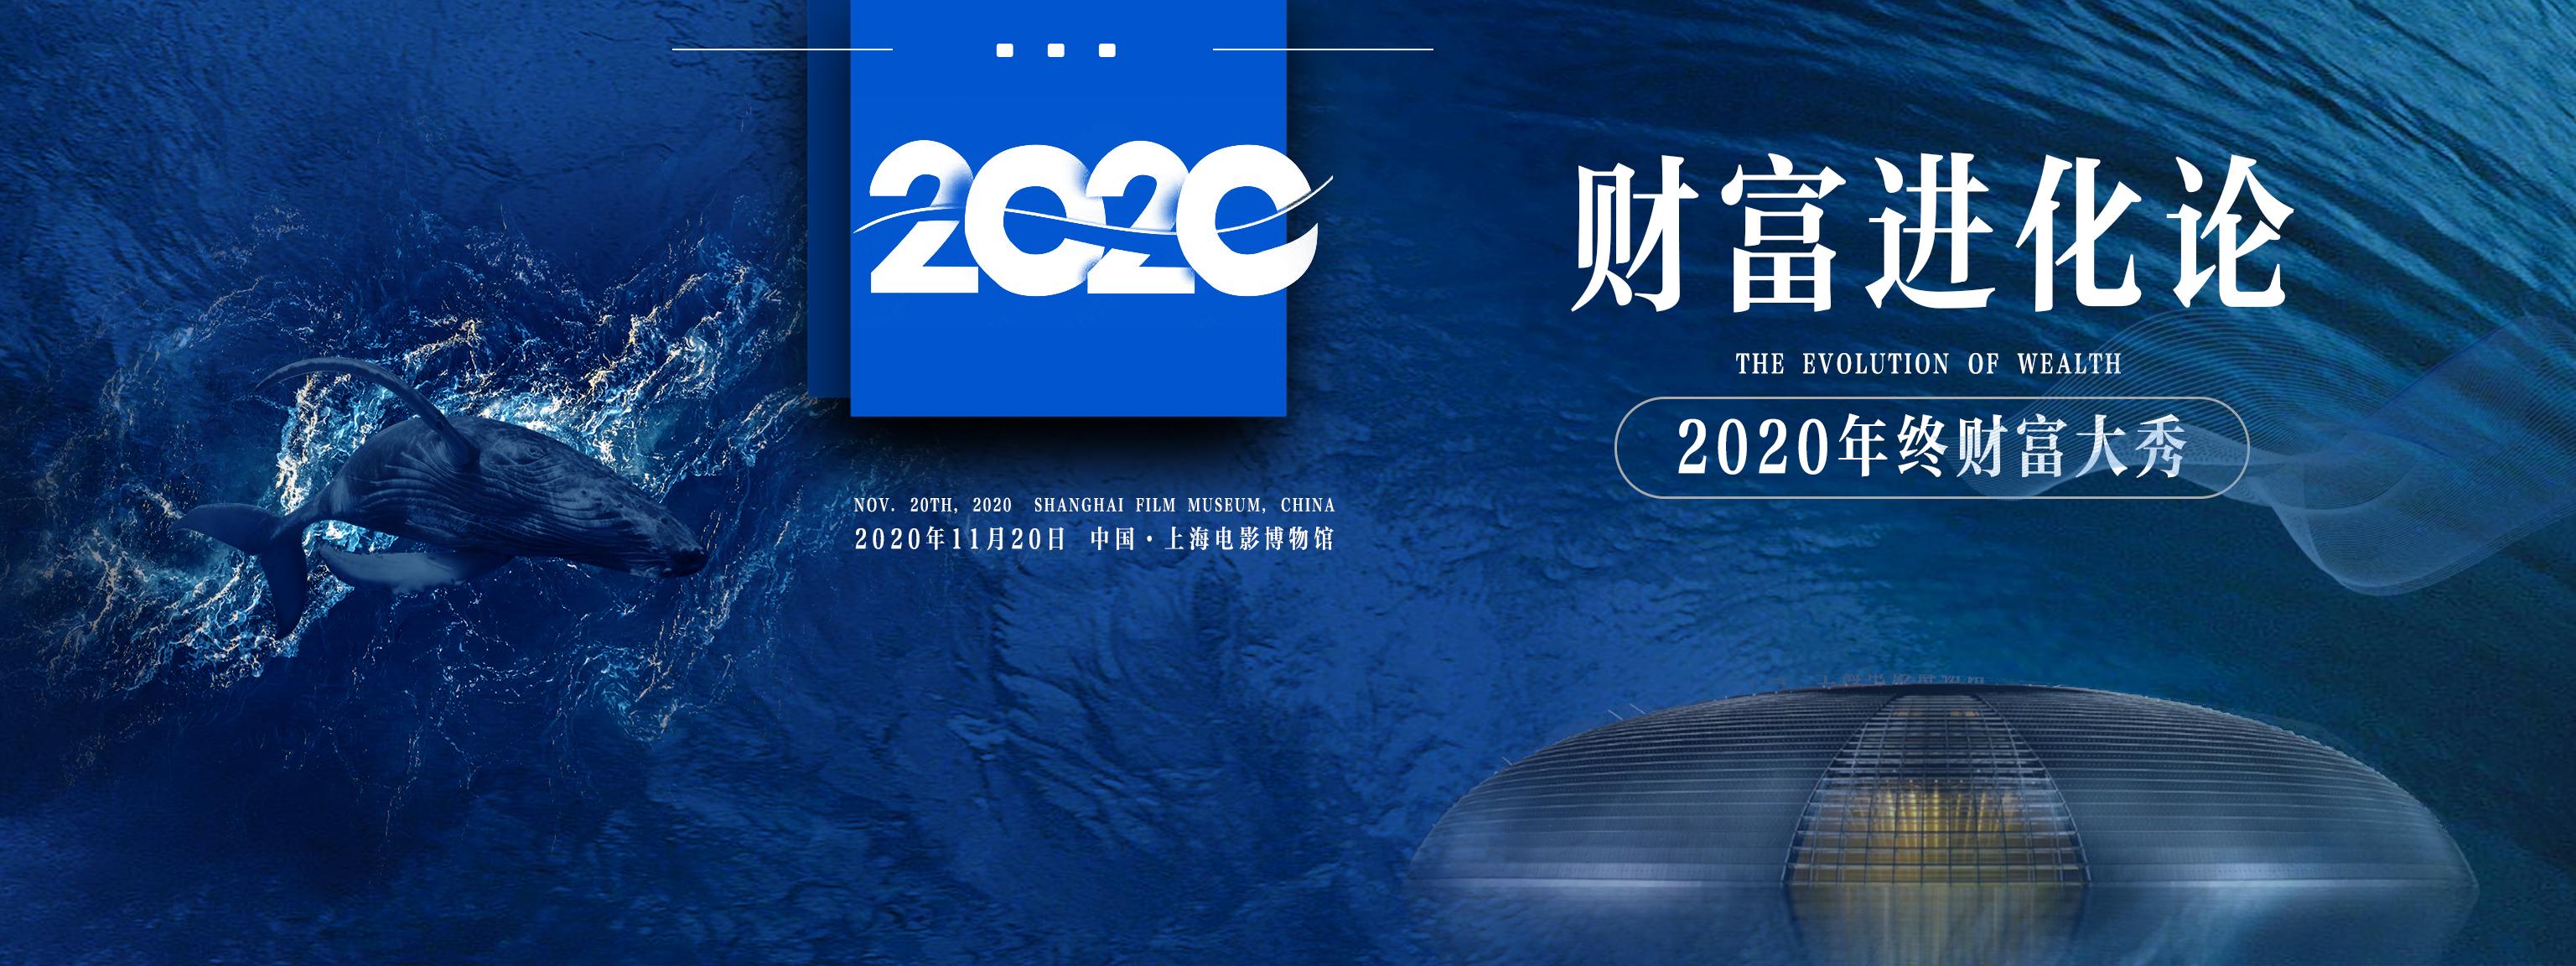 """由国内知名财经杂志《今日财富》主办的""""财富进化论2020""""盛大落幕"""